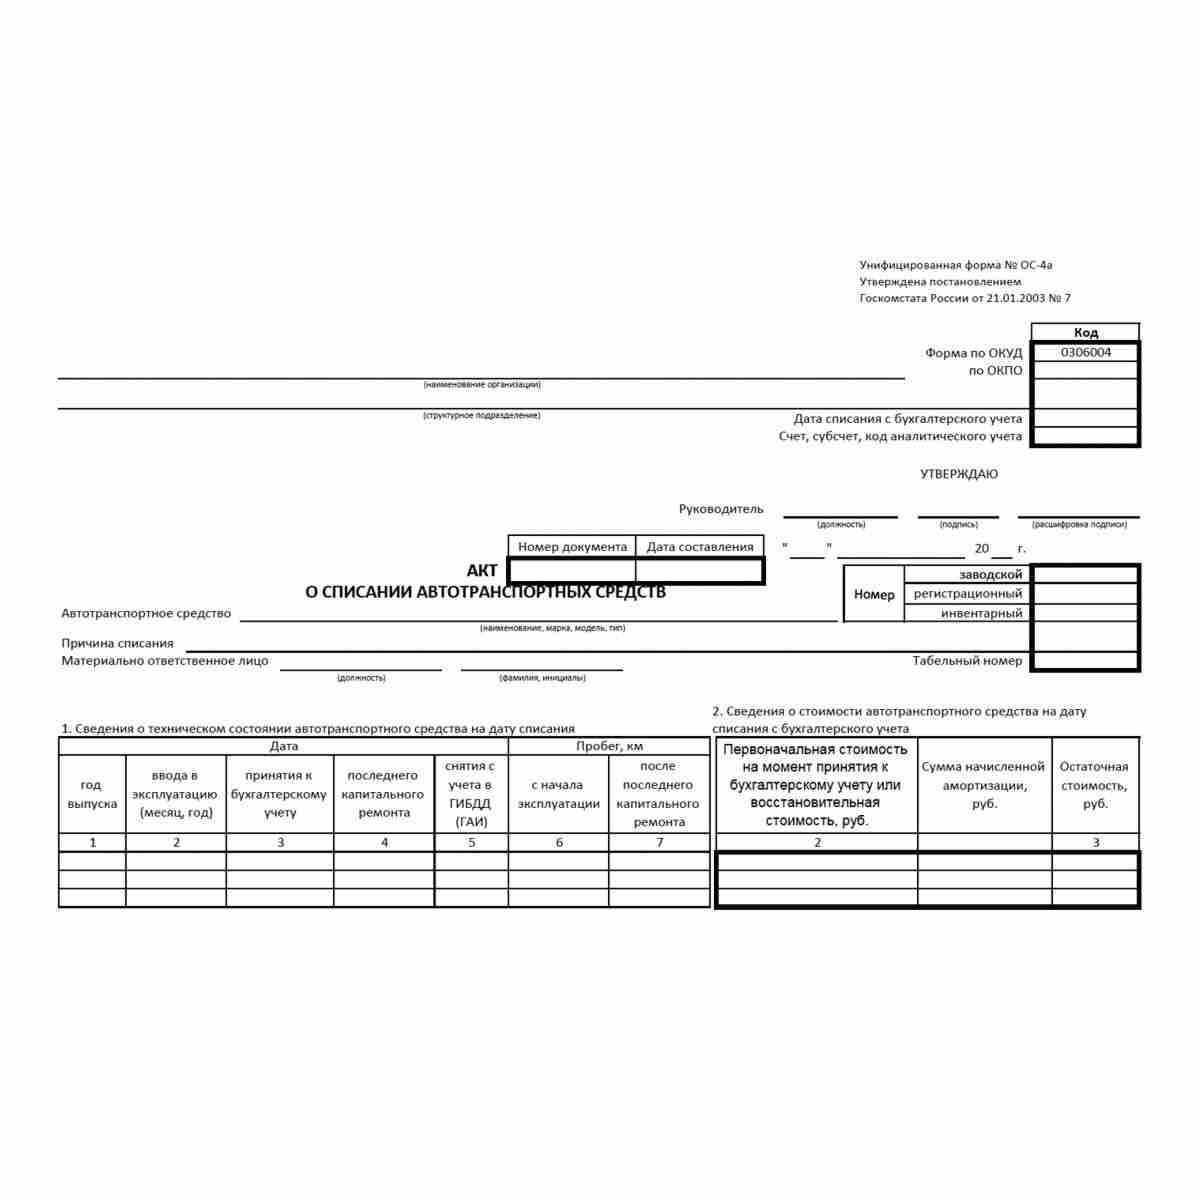 """Унифицированная форма первичной учетной документации № ОС-4а """"Акт о списании автотранспортных средств"""" (ОКУД 0306004). Стр 1"""